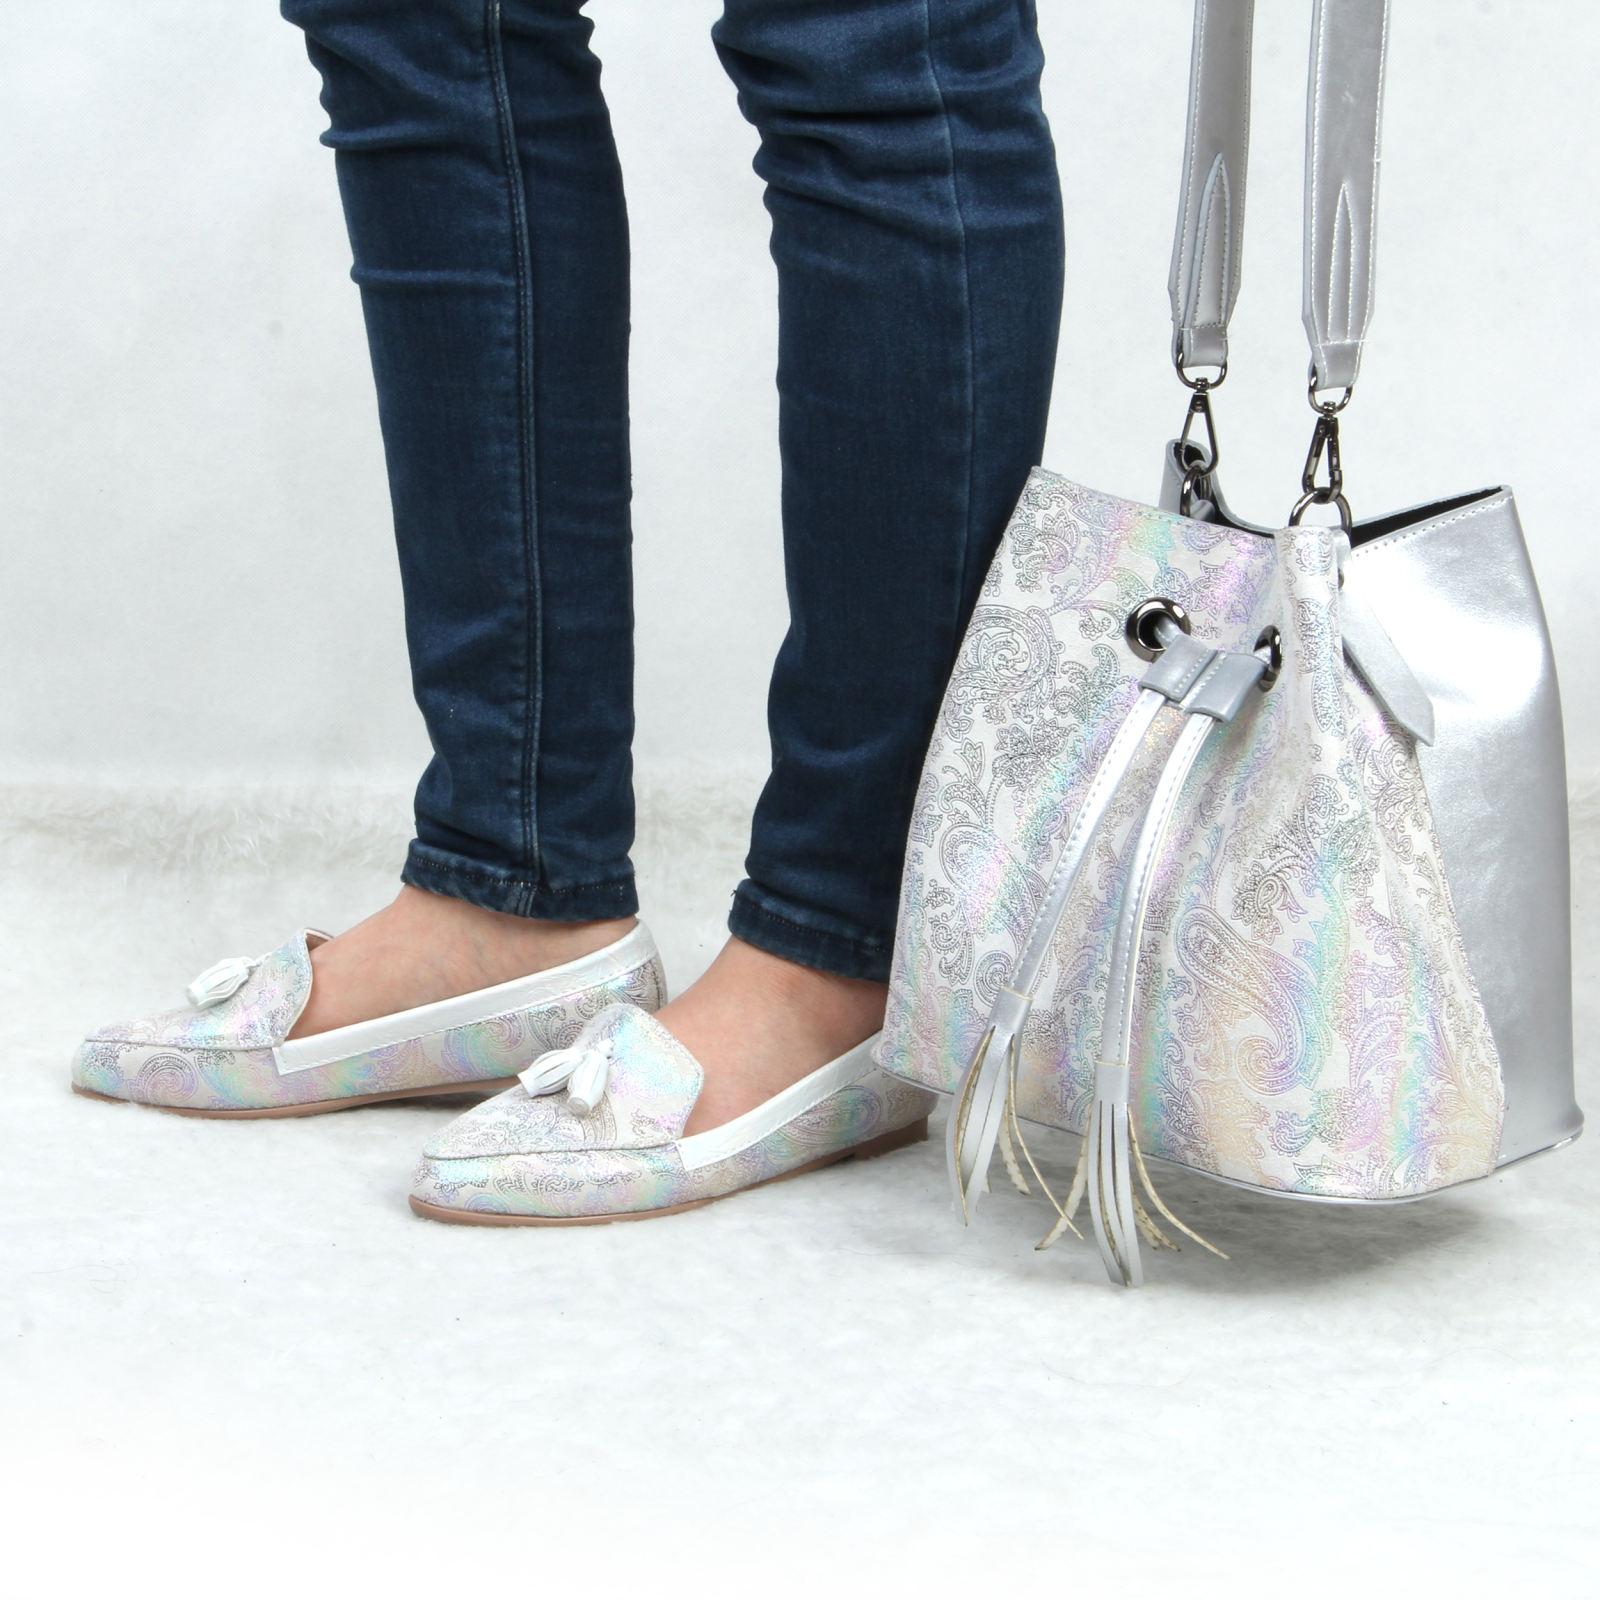 ست کیف و کفش زنانه کد st214 main 1 9